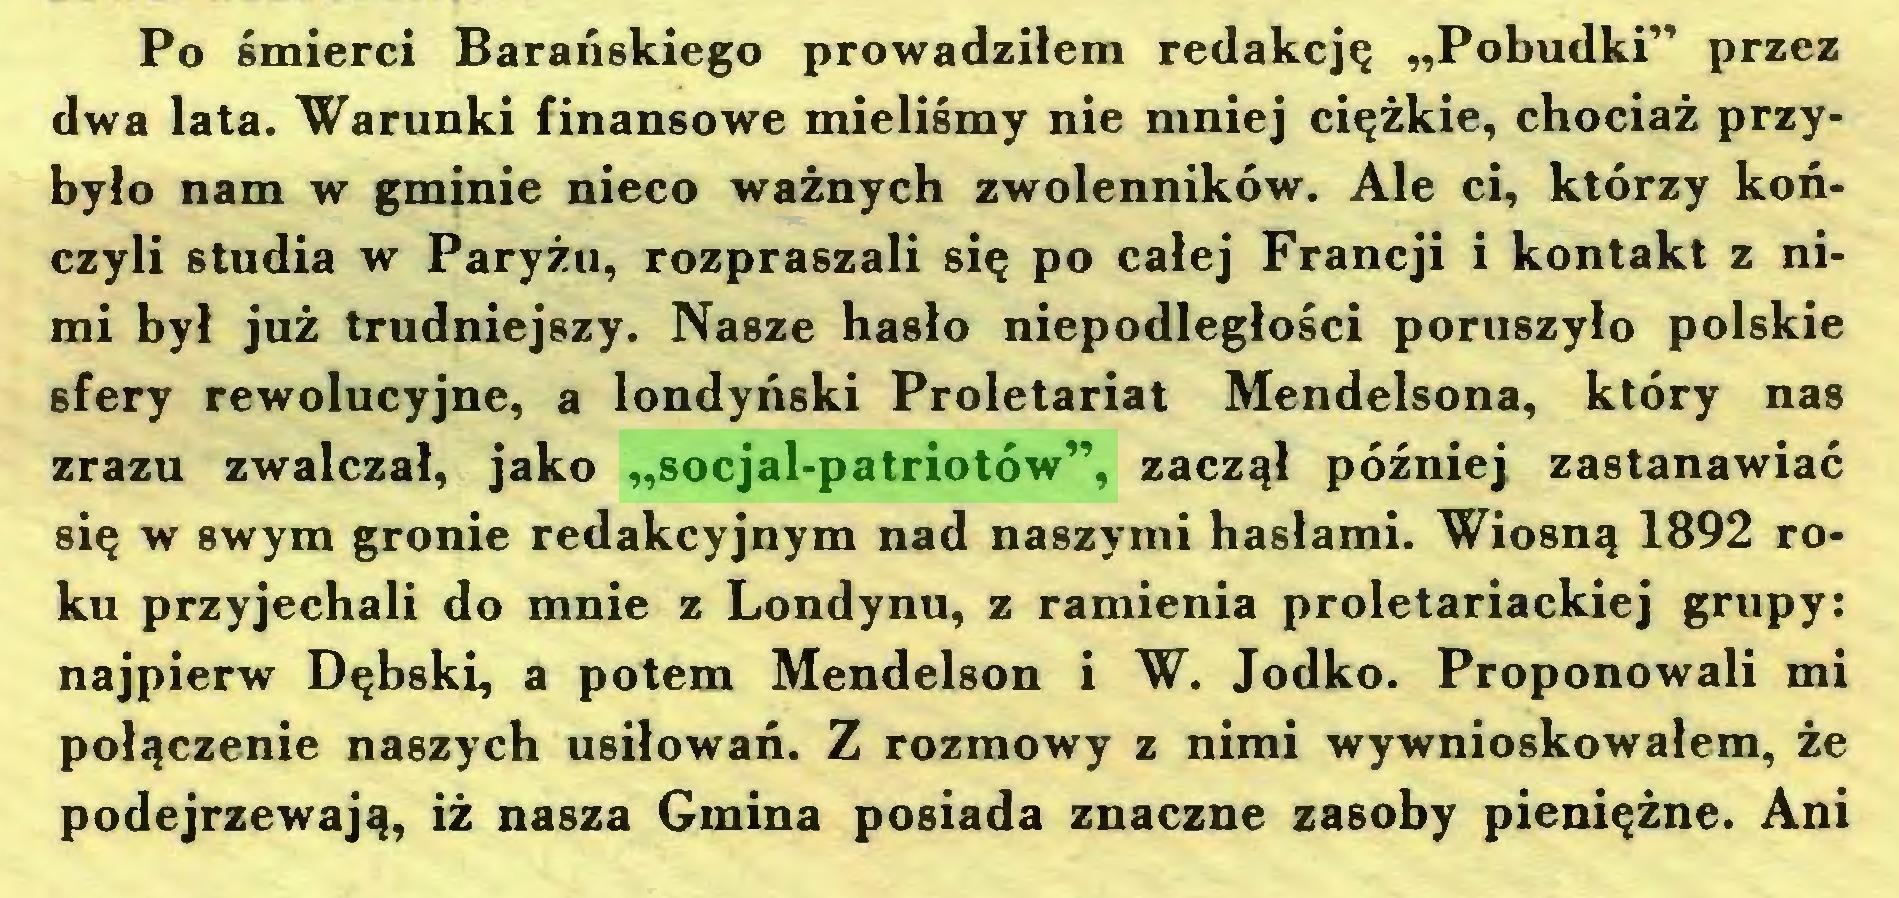 """(...) Po śmierci Barańskiego prowadziłem redakcję """"Pobudki"""" przez dwa lata. Warunki finansowe mieliśmy nie mniej ciężkie, chociaż przybyło nam w gminie nieco ważnych zwolenników. Ale ci, którzy kończyli studia w Paryżu, rozpraszali się po całej Francji i kontakt z nimi był już trudniejszy. Nasze hasło niepodległości poruszyło polskie sfery rewolucyjne, a londyński Proletariat Mendelsona, który nas zrazu zwalczał, jako """"socjal-patriotów"""", zaczął później zastanawiać się w swym gronie redakcyjnym nad naszymi hasłami. Wiosną 1892 roku przyjechali do mnie z Londynu, z ramienia proletariackiej grupy: najpierw Dębski, a potem Mendelson i W. Jodko. Proponowali mi połączenie naszych usiłowań. Z rozmowy z nimi wywnioskowałem, że podejrzewają, iż nasza Gmina posiada znaczne zasoby pieniężne. Ani..."""